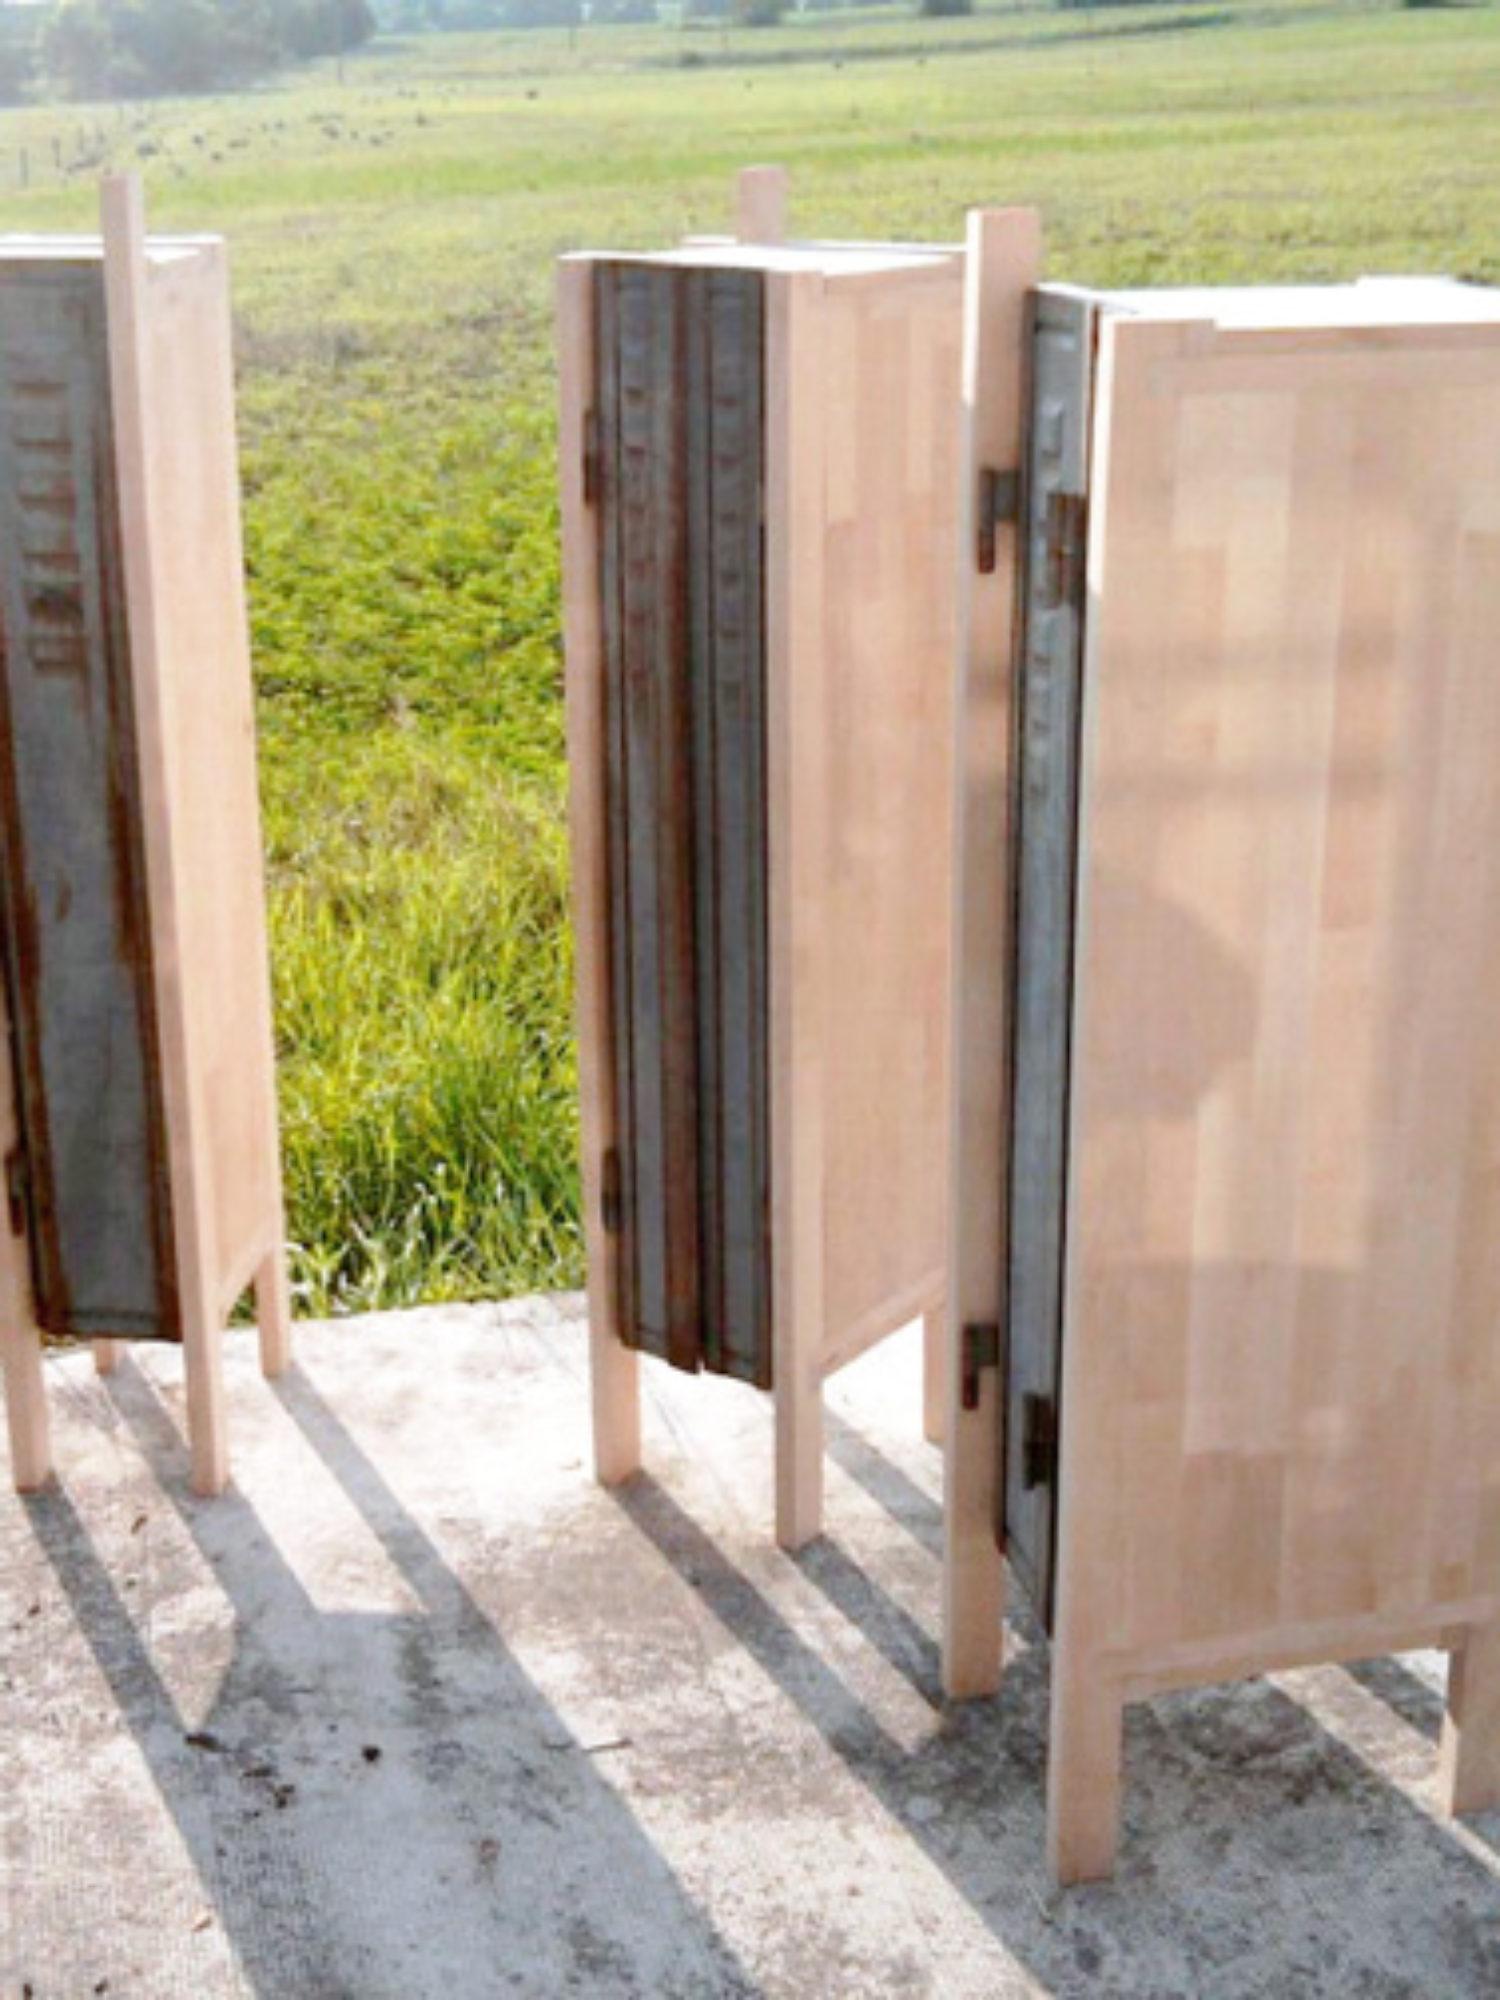 VESTIAIRES • Comment transformer des vieux volets métalliques